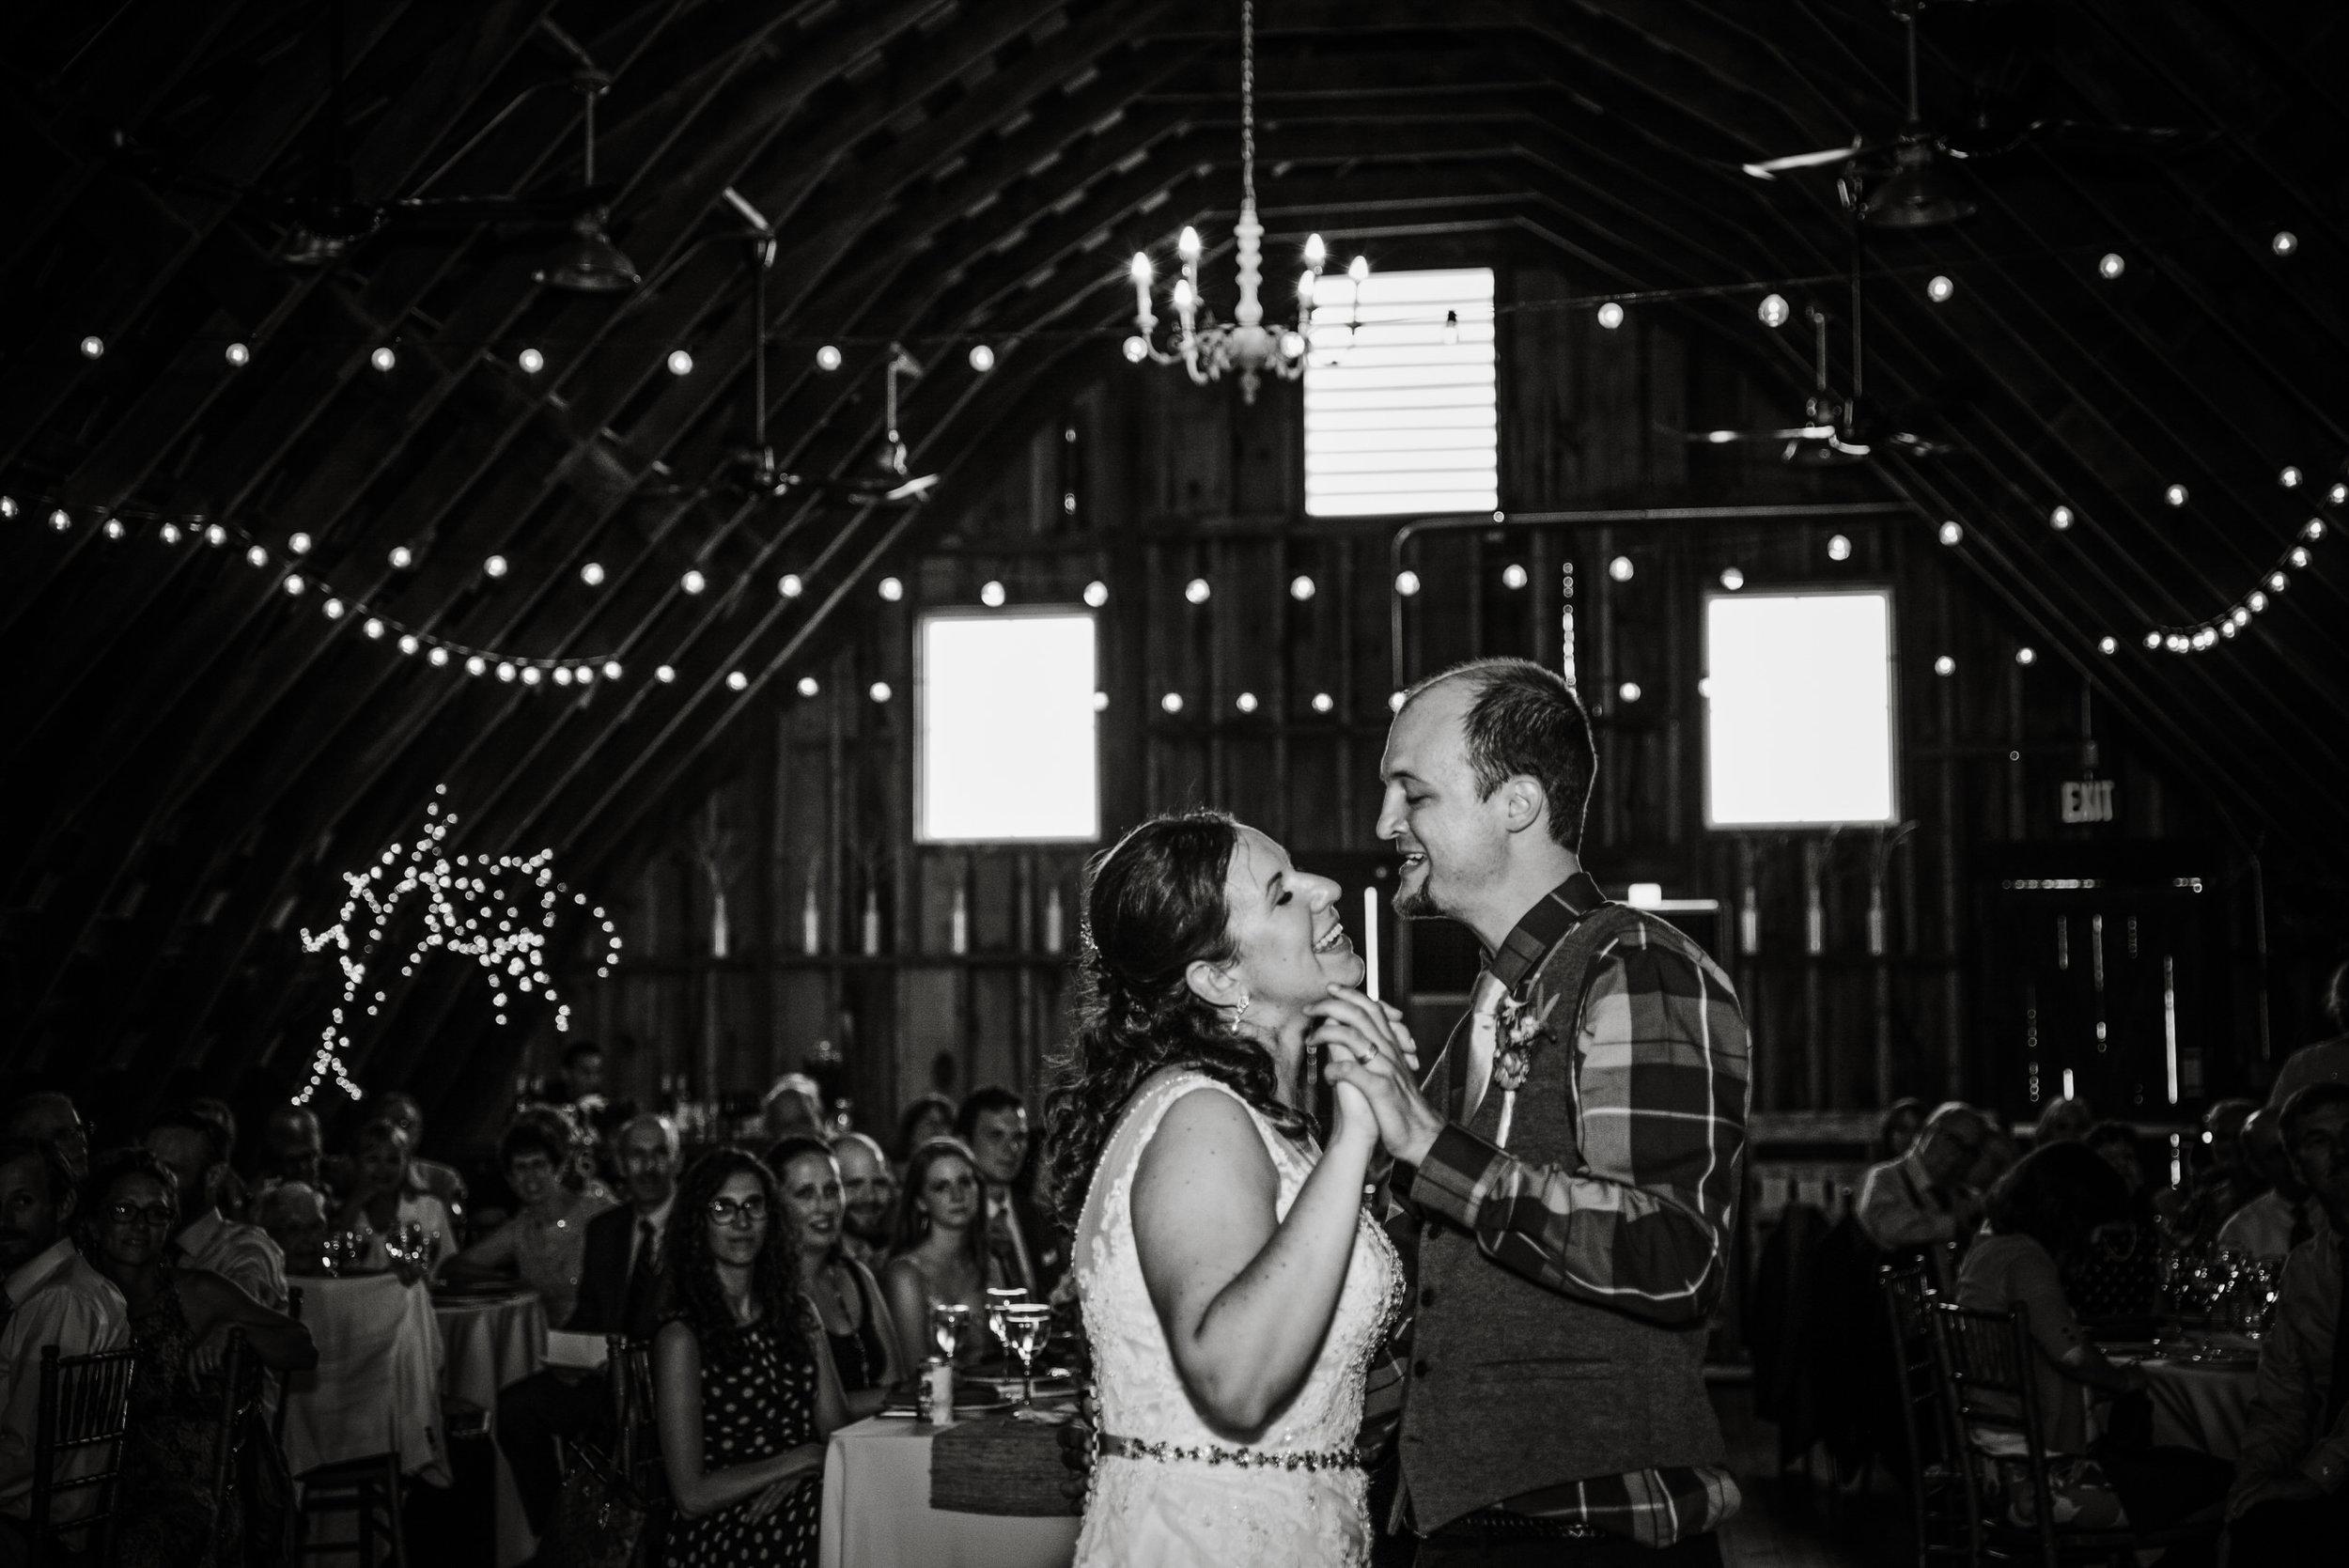 EastLynnFarmWedding-Stephanie&Aaron-Reception-59.jpg